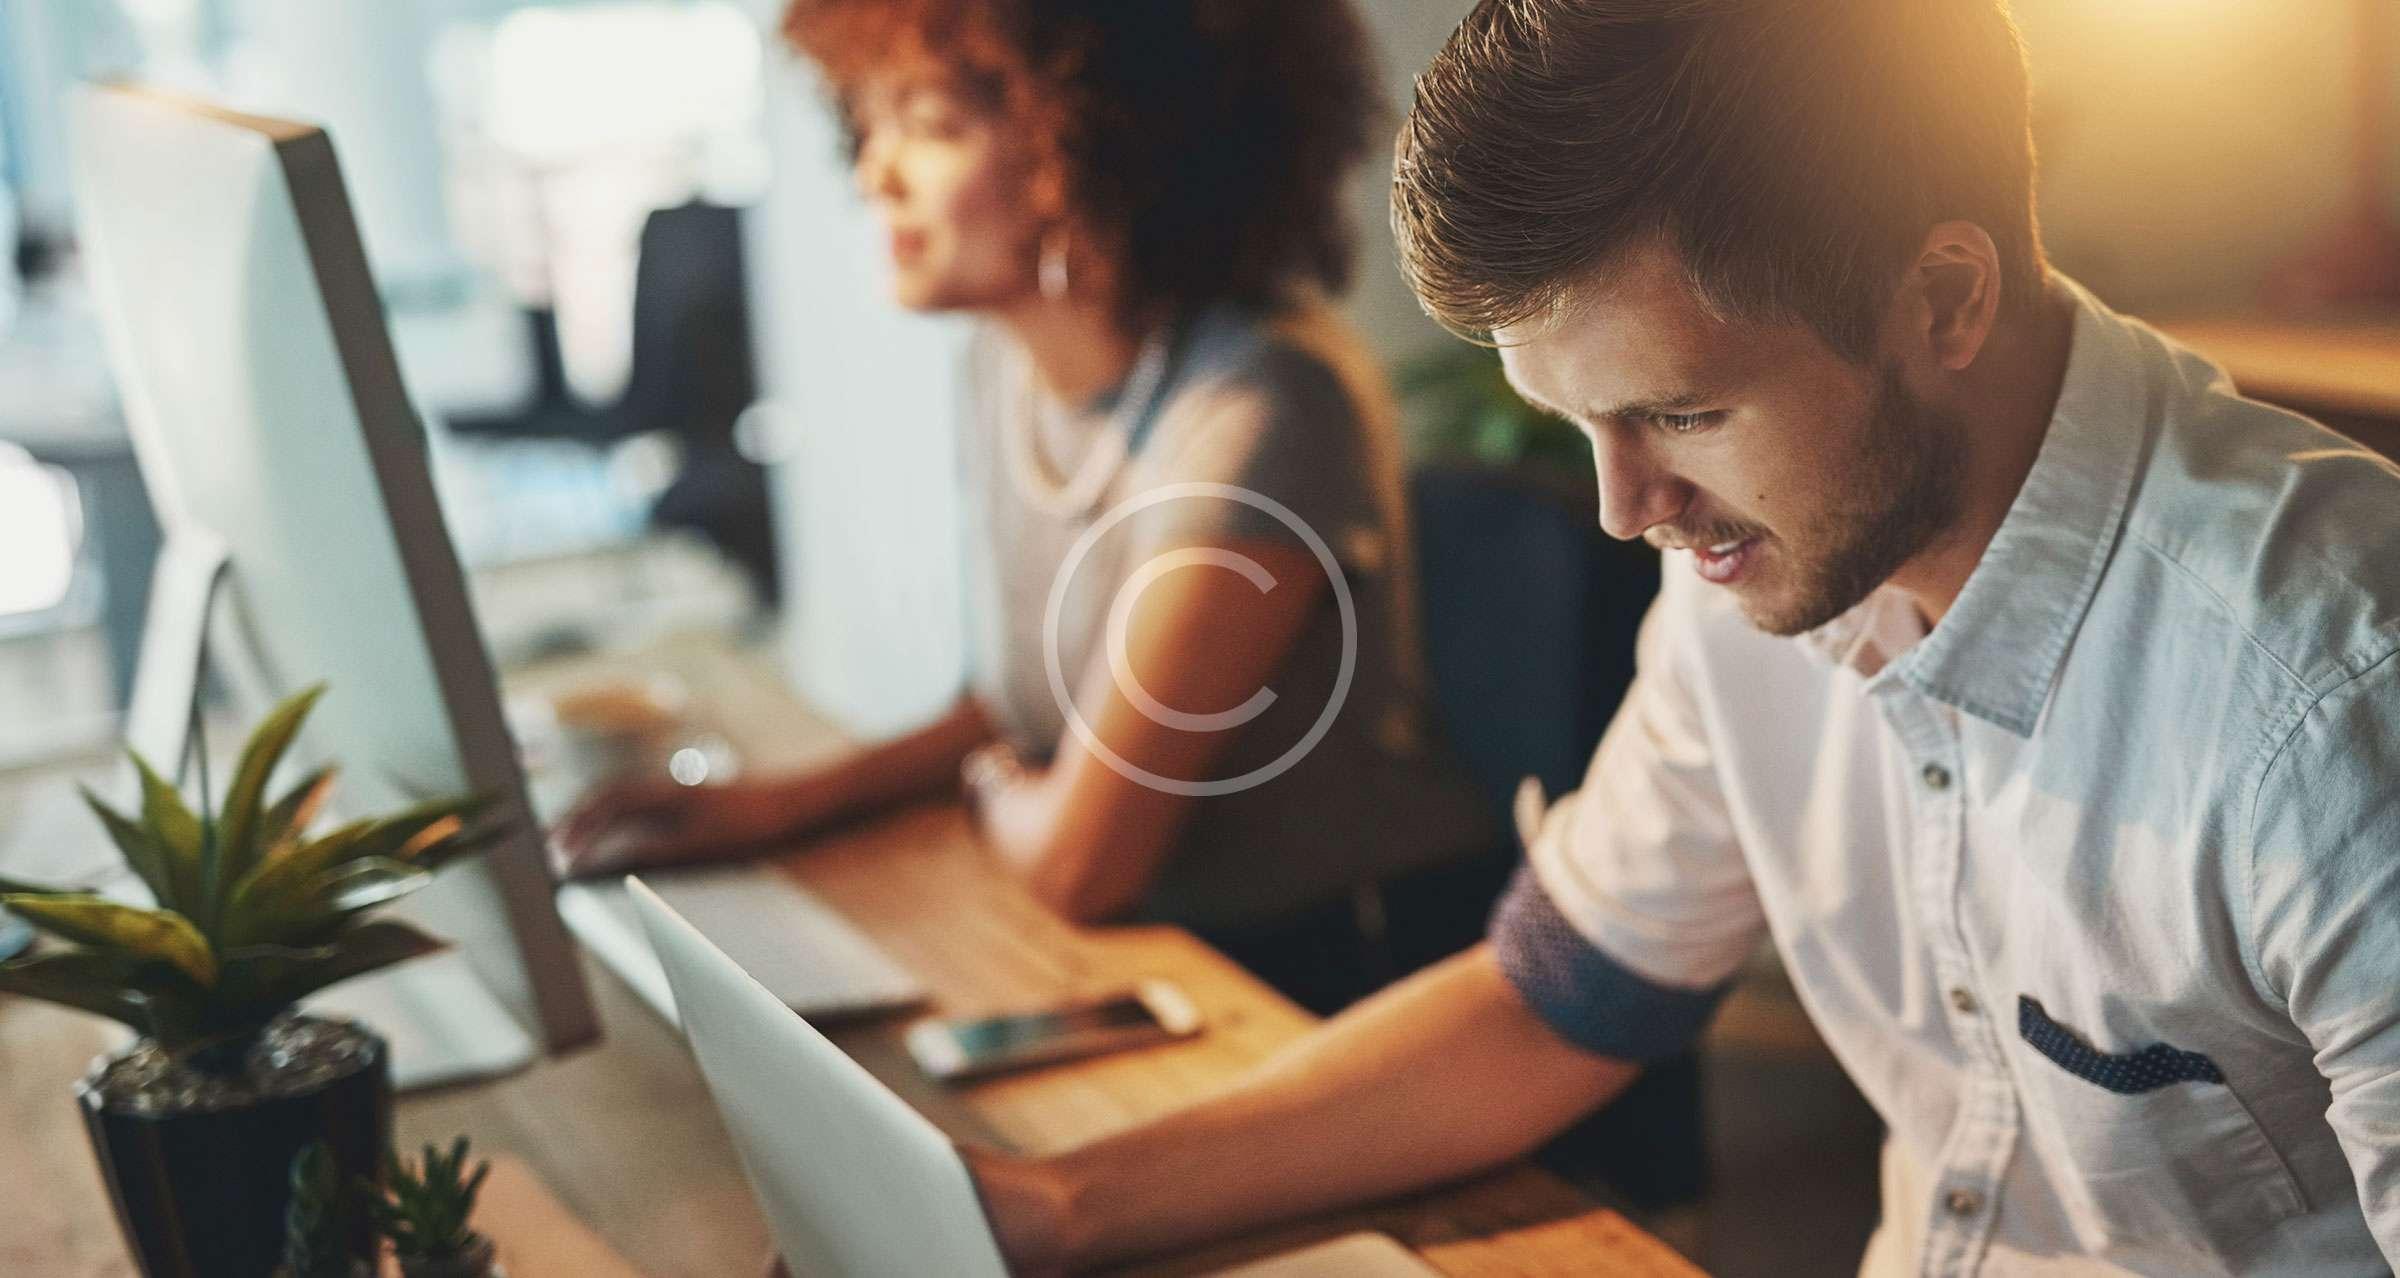 100 kreative Marketingideen zur Steigerung Ihres Geschäfts